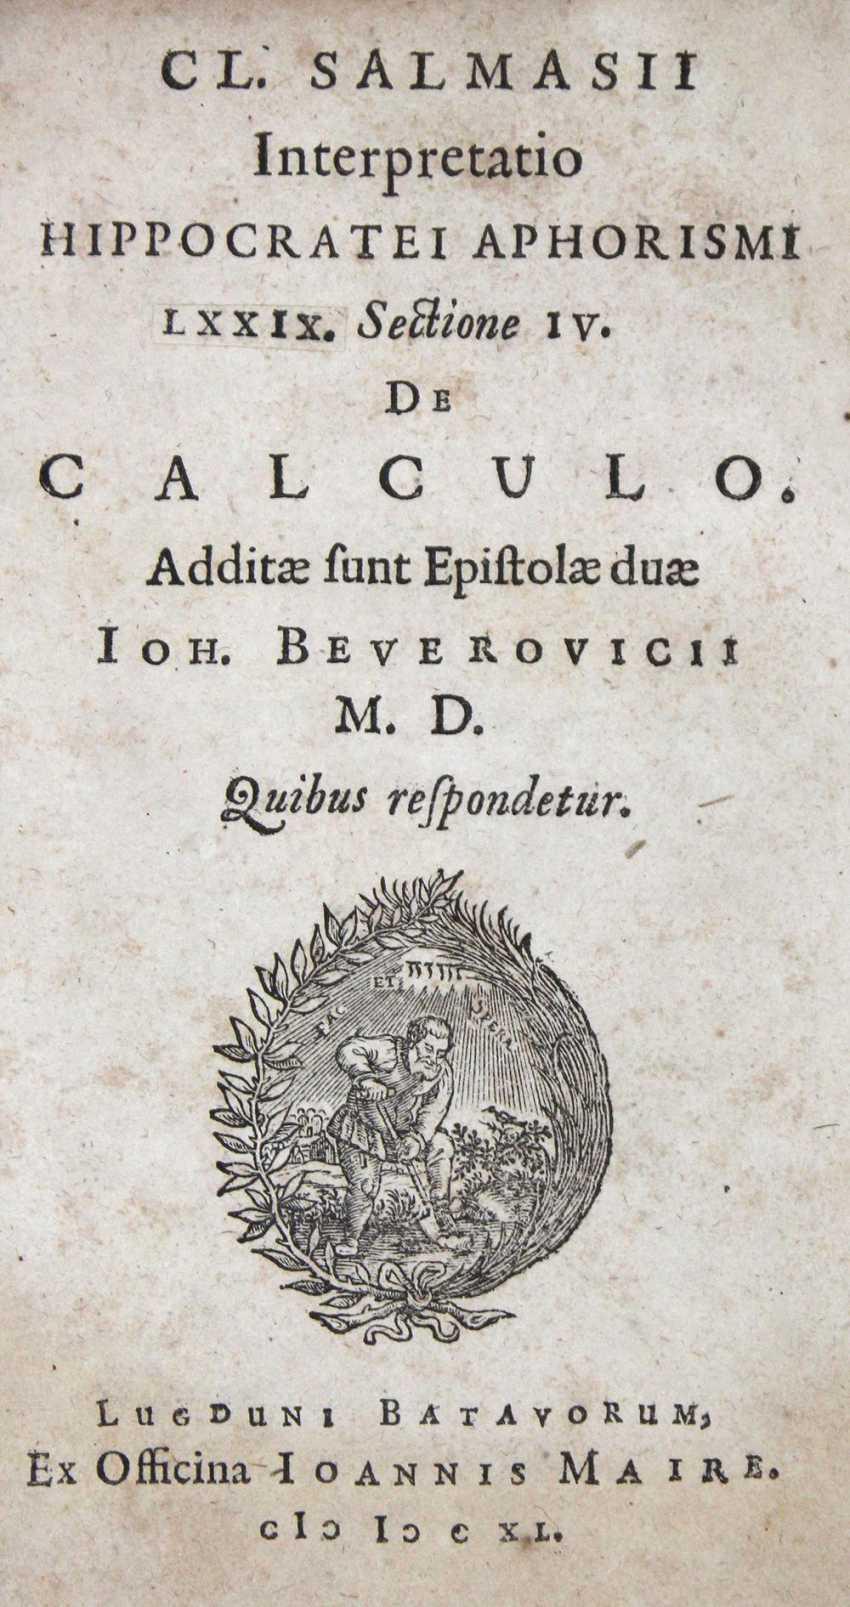 Salmasius, C. - photo 1